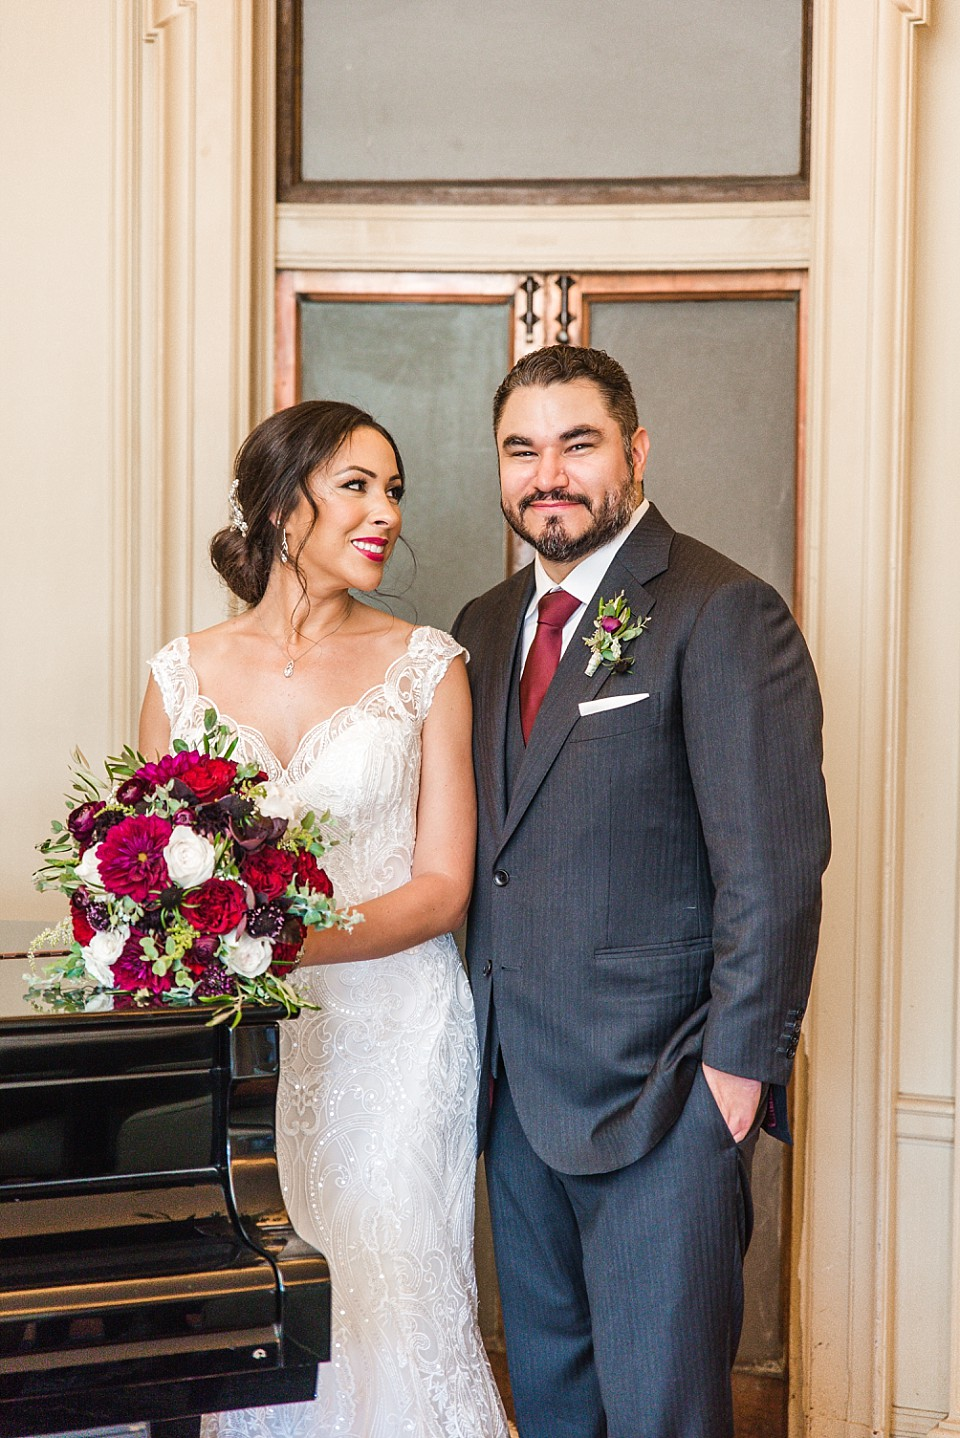 portrait bride admiring groom piano parlor room Coronado wedding photographer